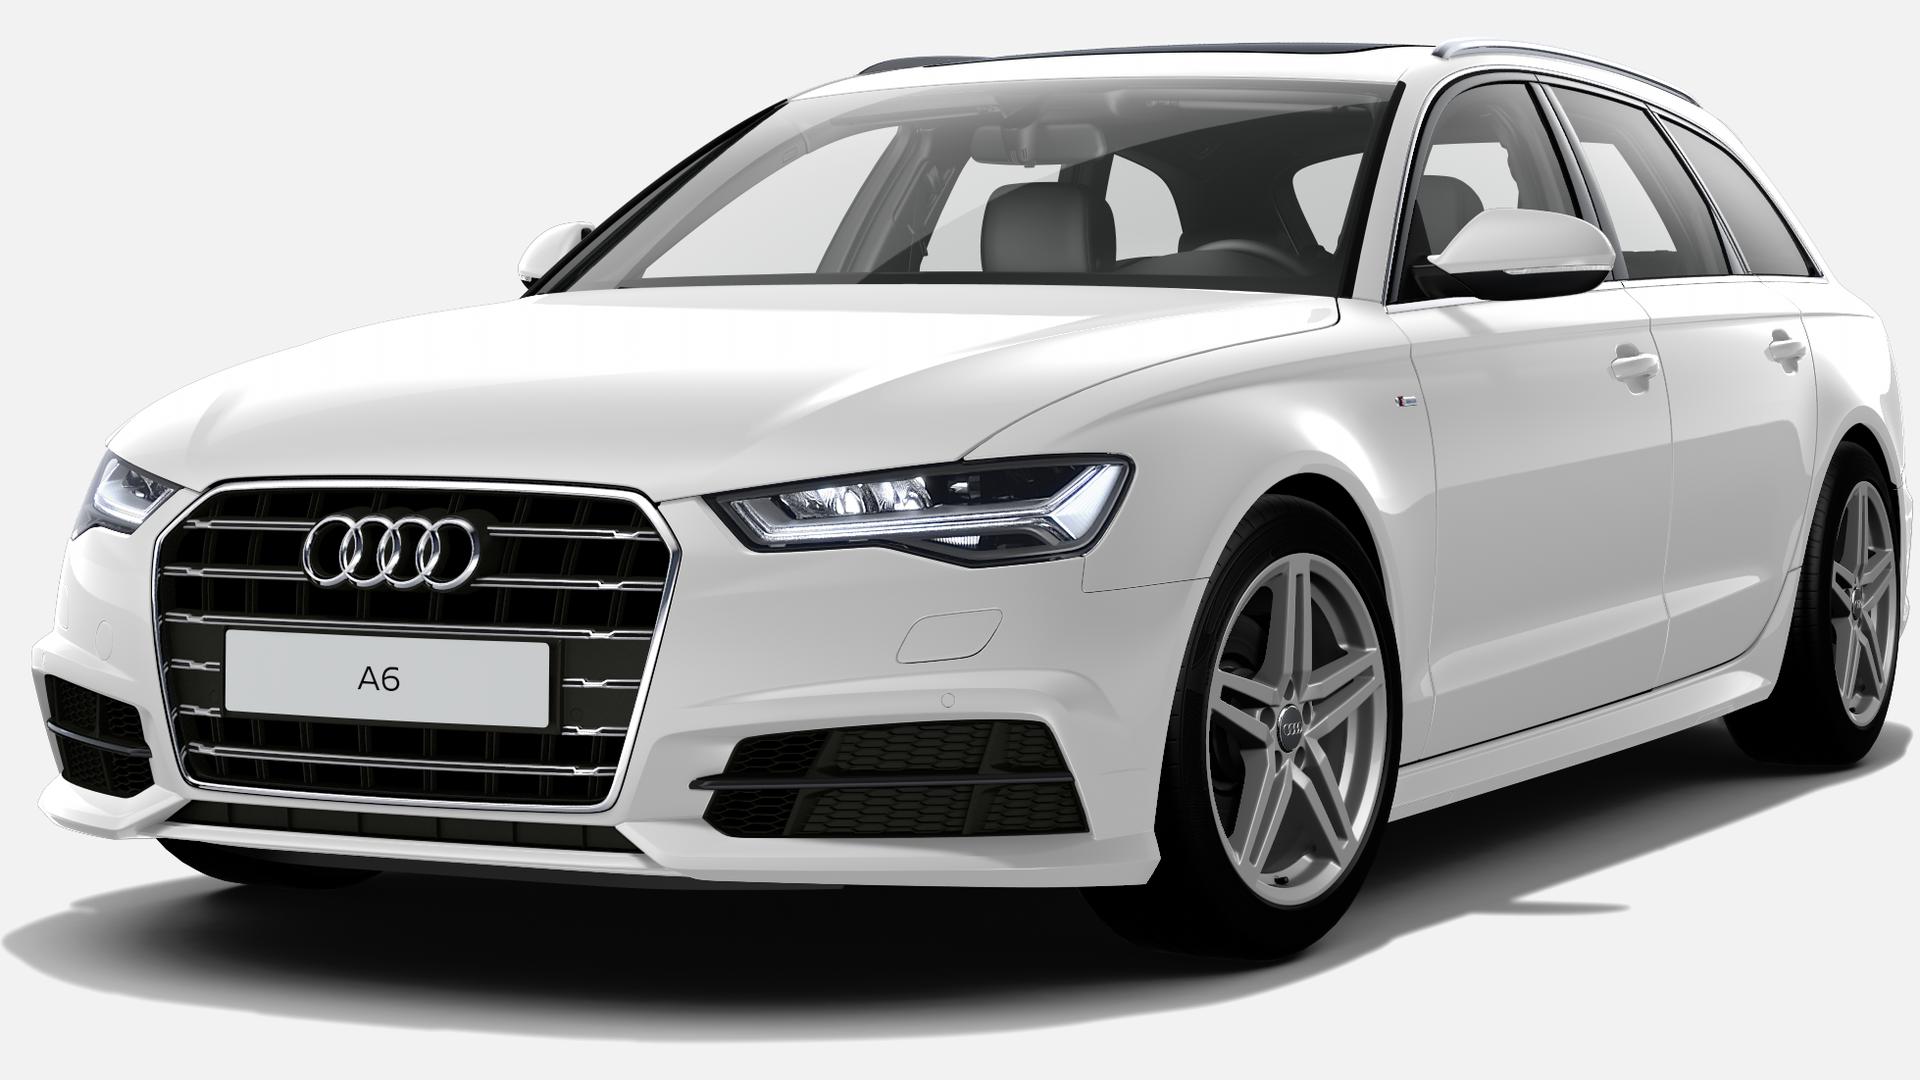 Audi A6 Avant 2.0 TDI line ultra S tronic 140 kW (190 CV)  nuevo en Madrid